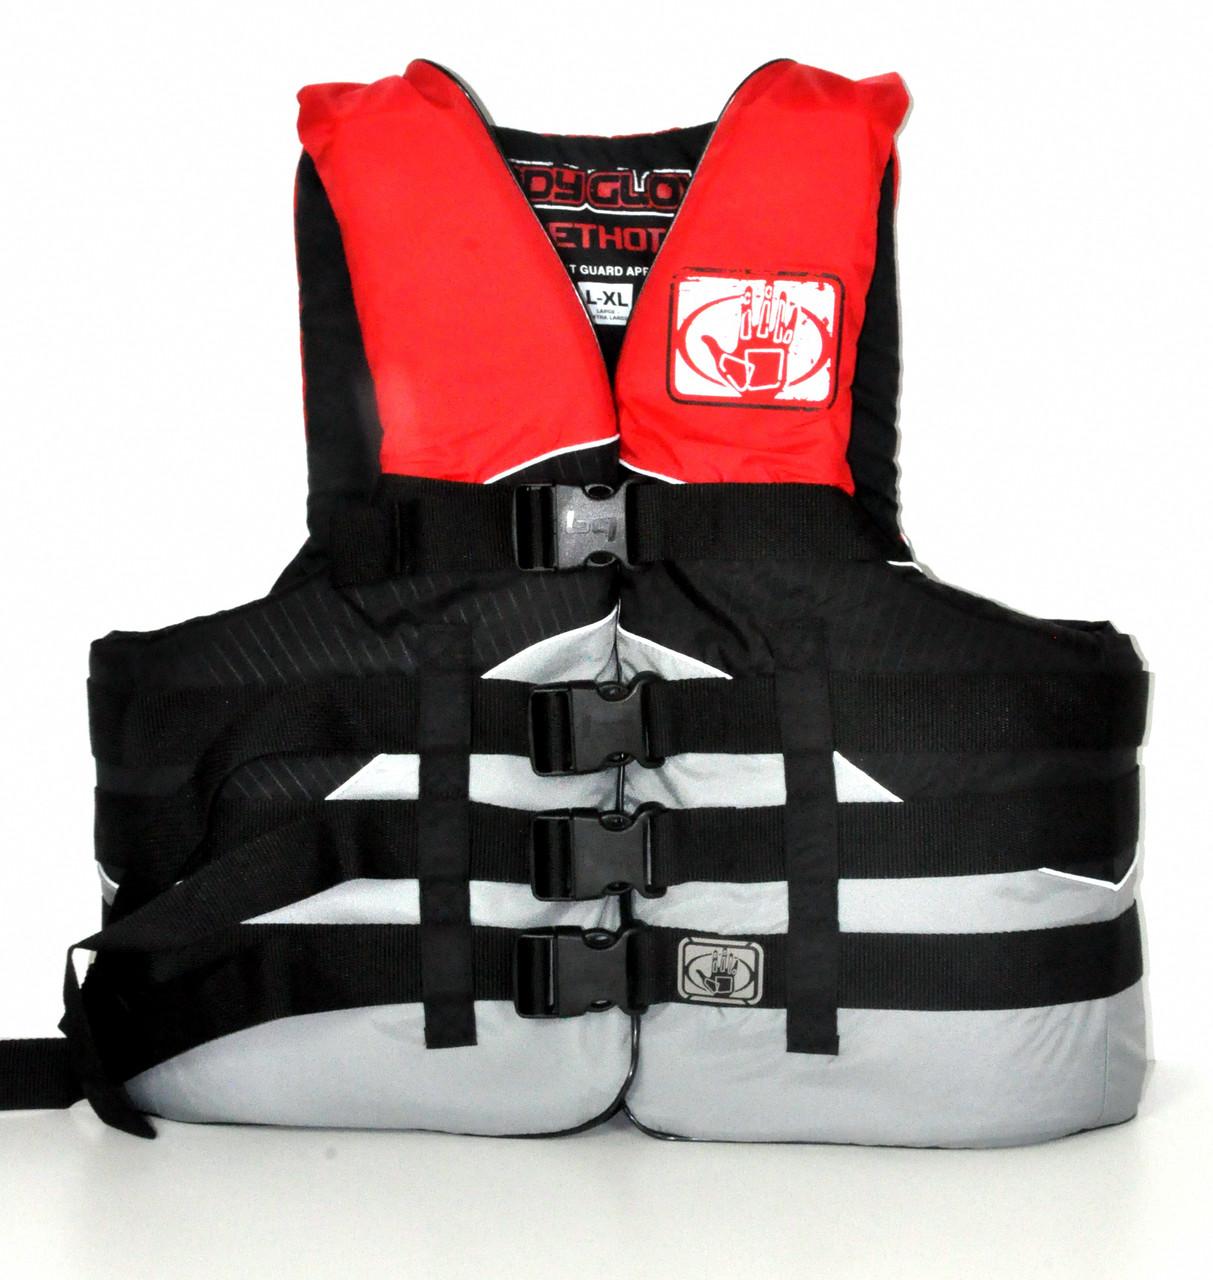 Рятувальний жилет водний BodyGlove нейлон 2XL/3XL Method чорно-червоний для човни, катери, яхти